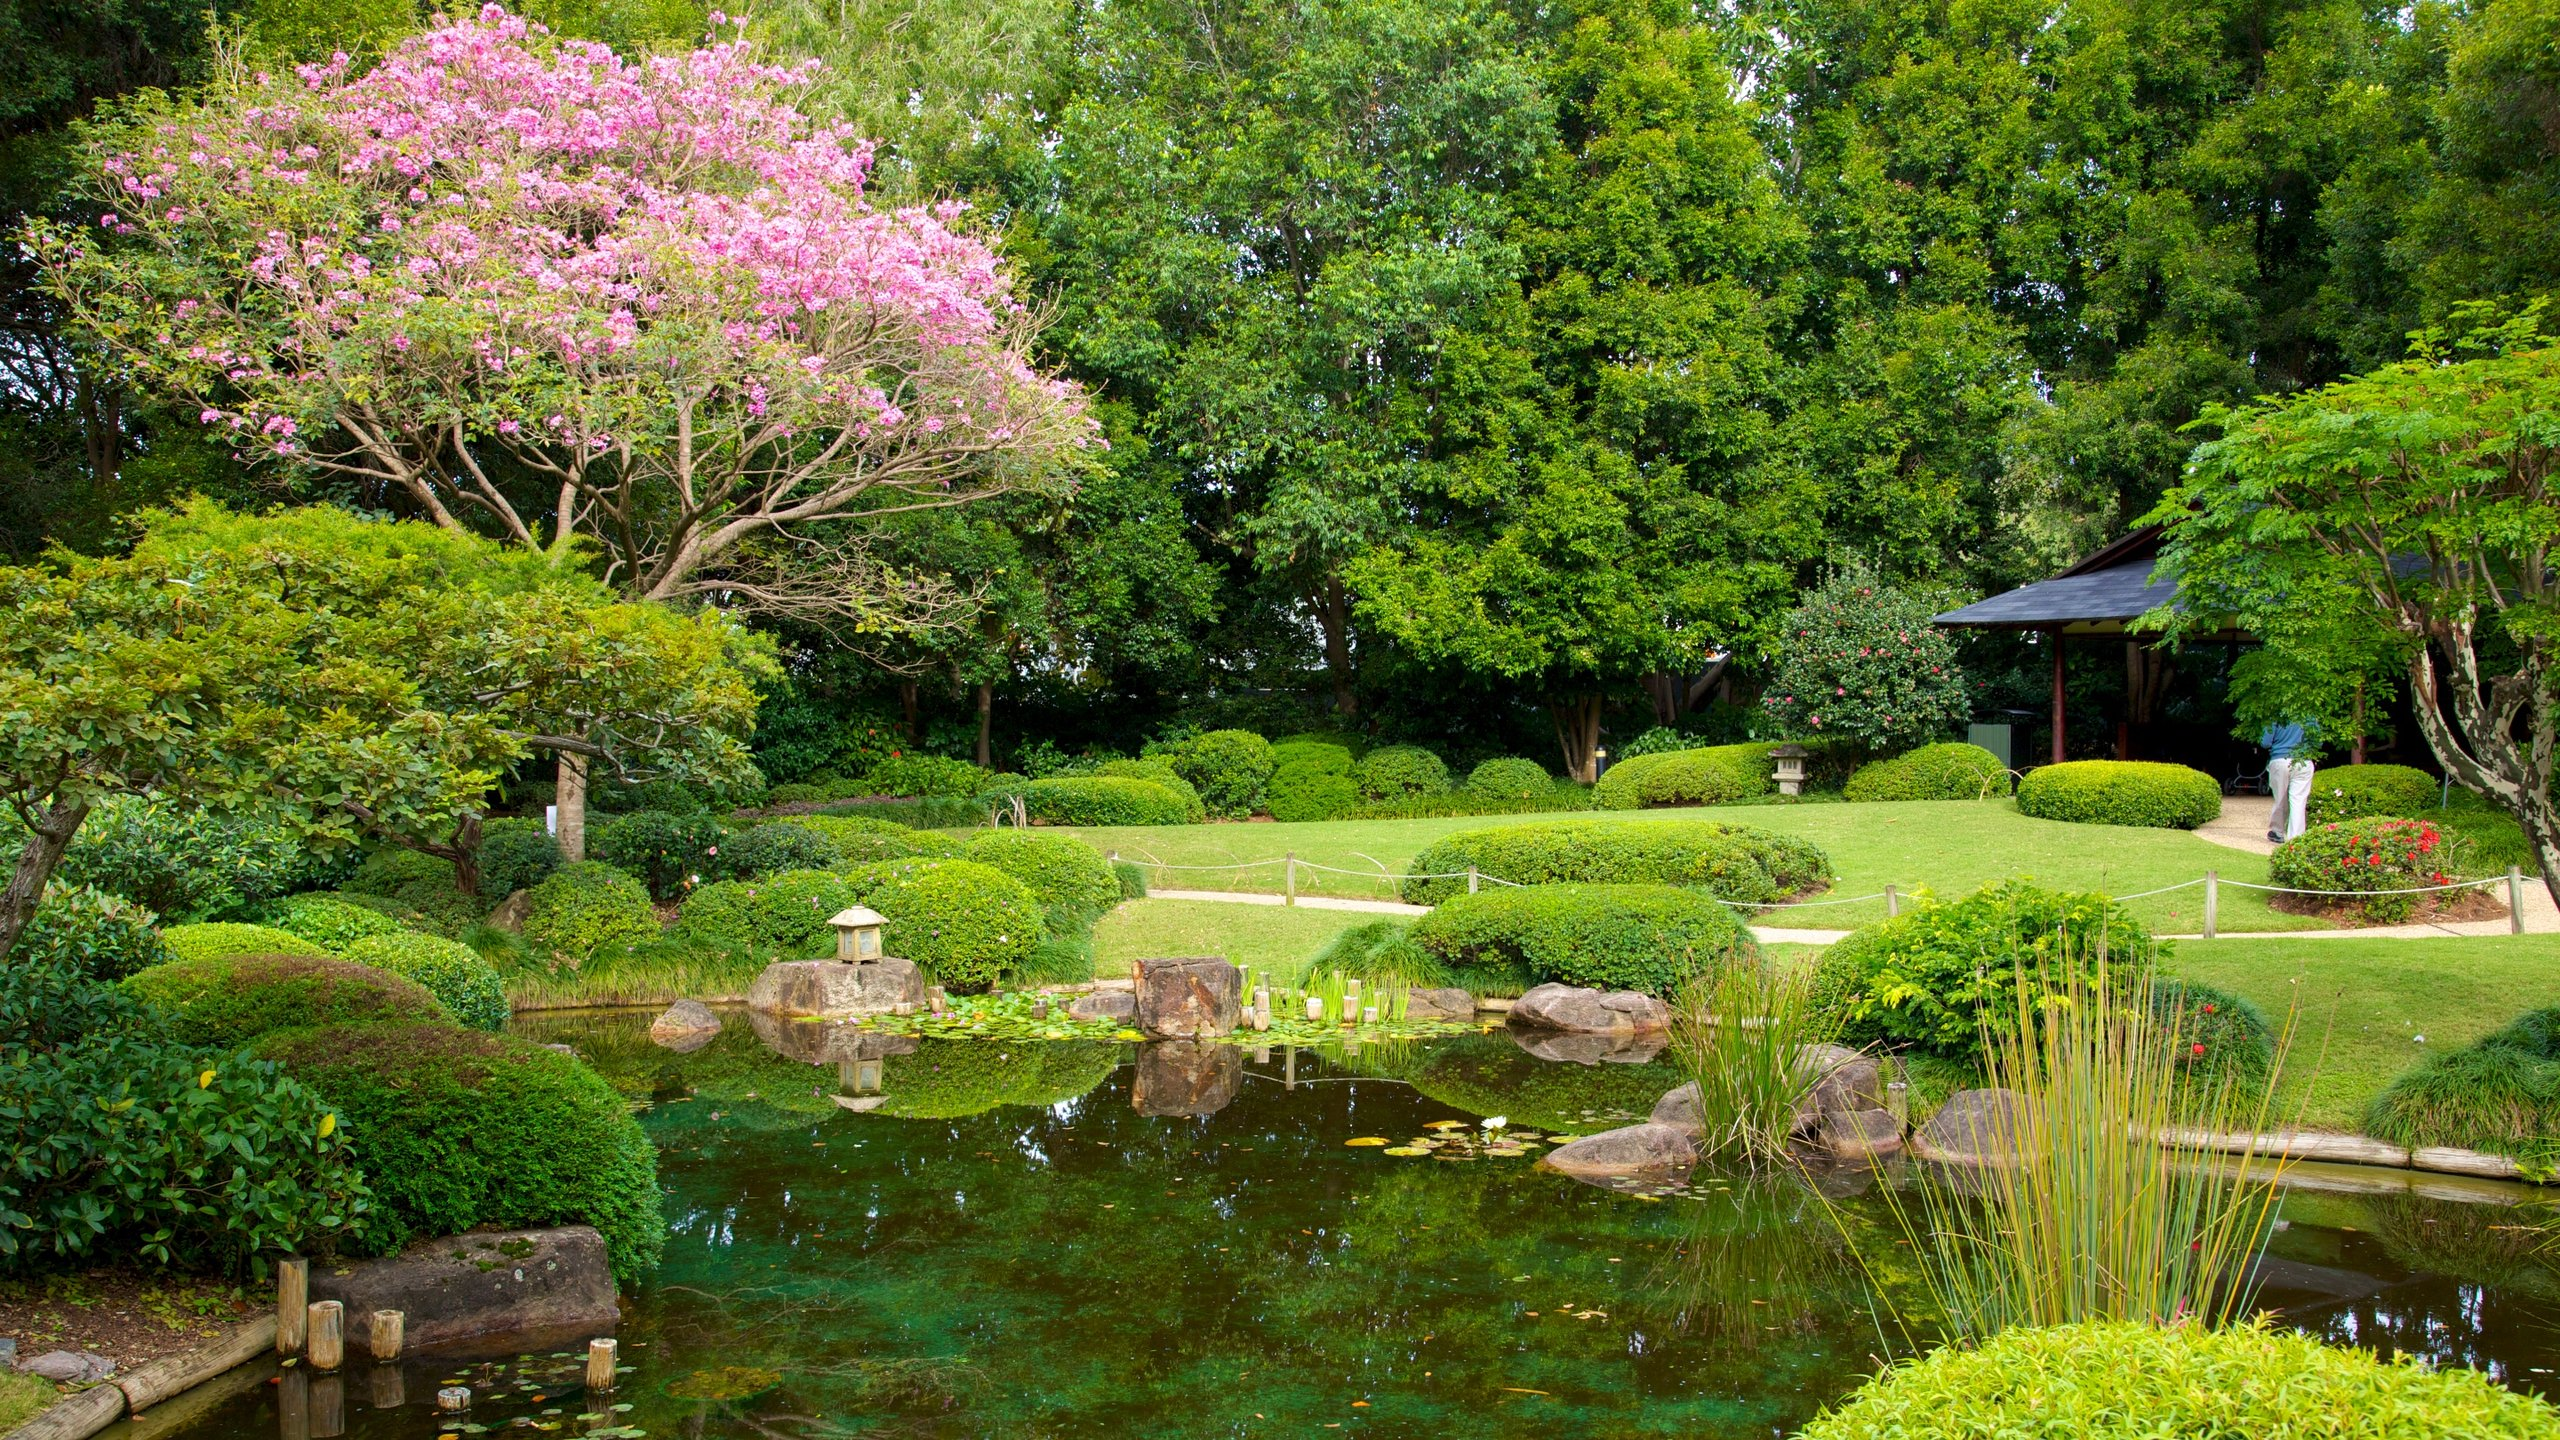 Denna vackra gratispark har promenadstråk genom frodiga tropiska regnskogar, bonsaiträdgårdar och även en konstgjord lagun med vattenagamer och sköldpaddor.